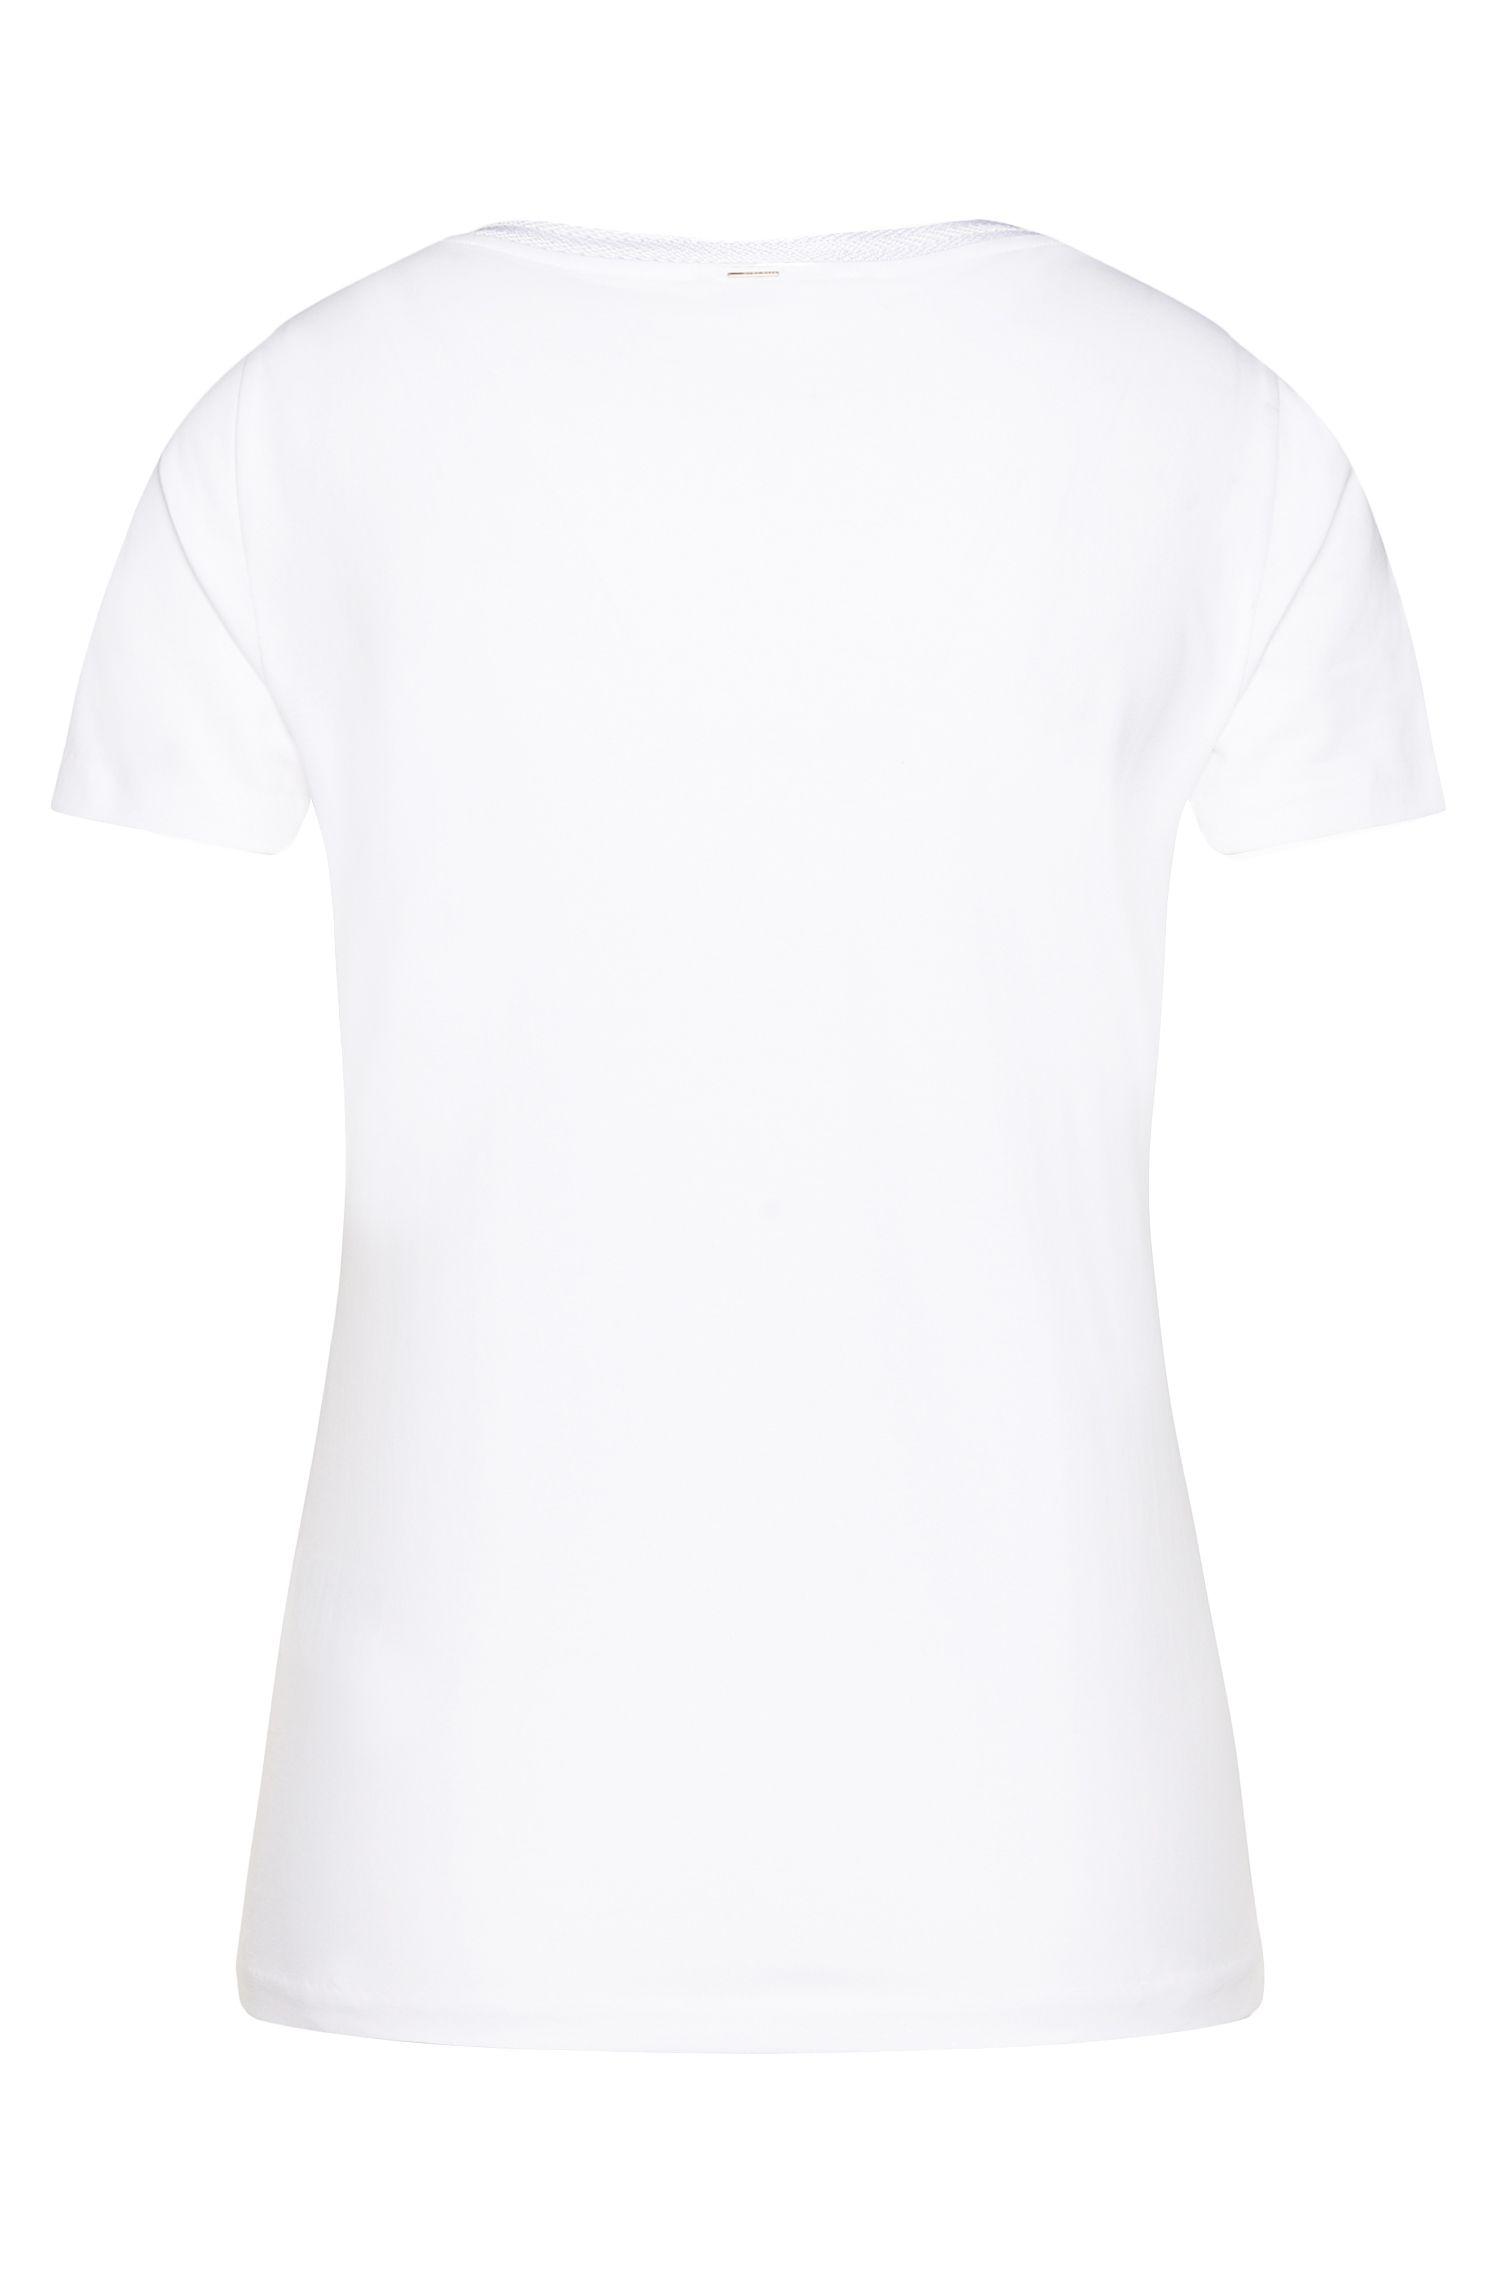 Getailleerd T-shirt van elastische katoen: 'Estana'